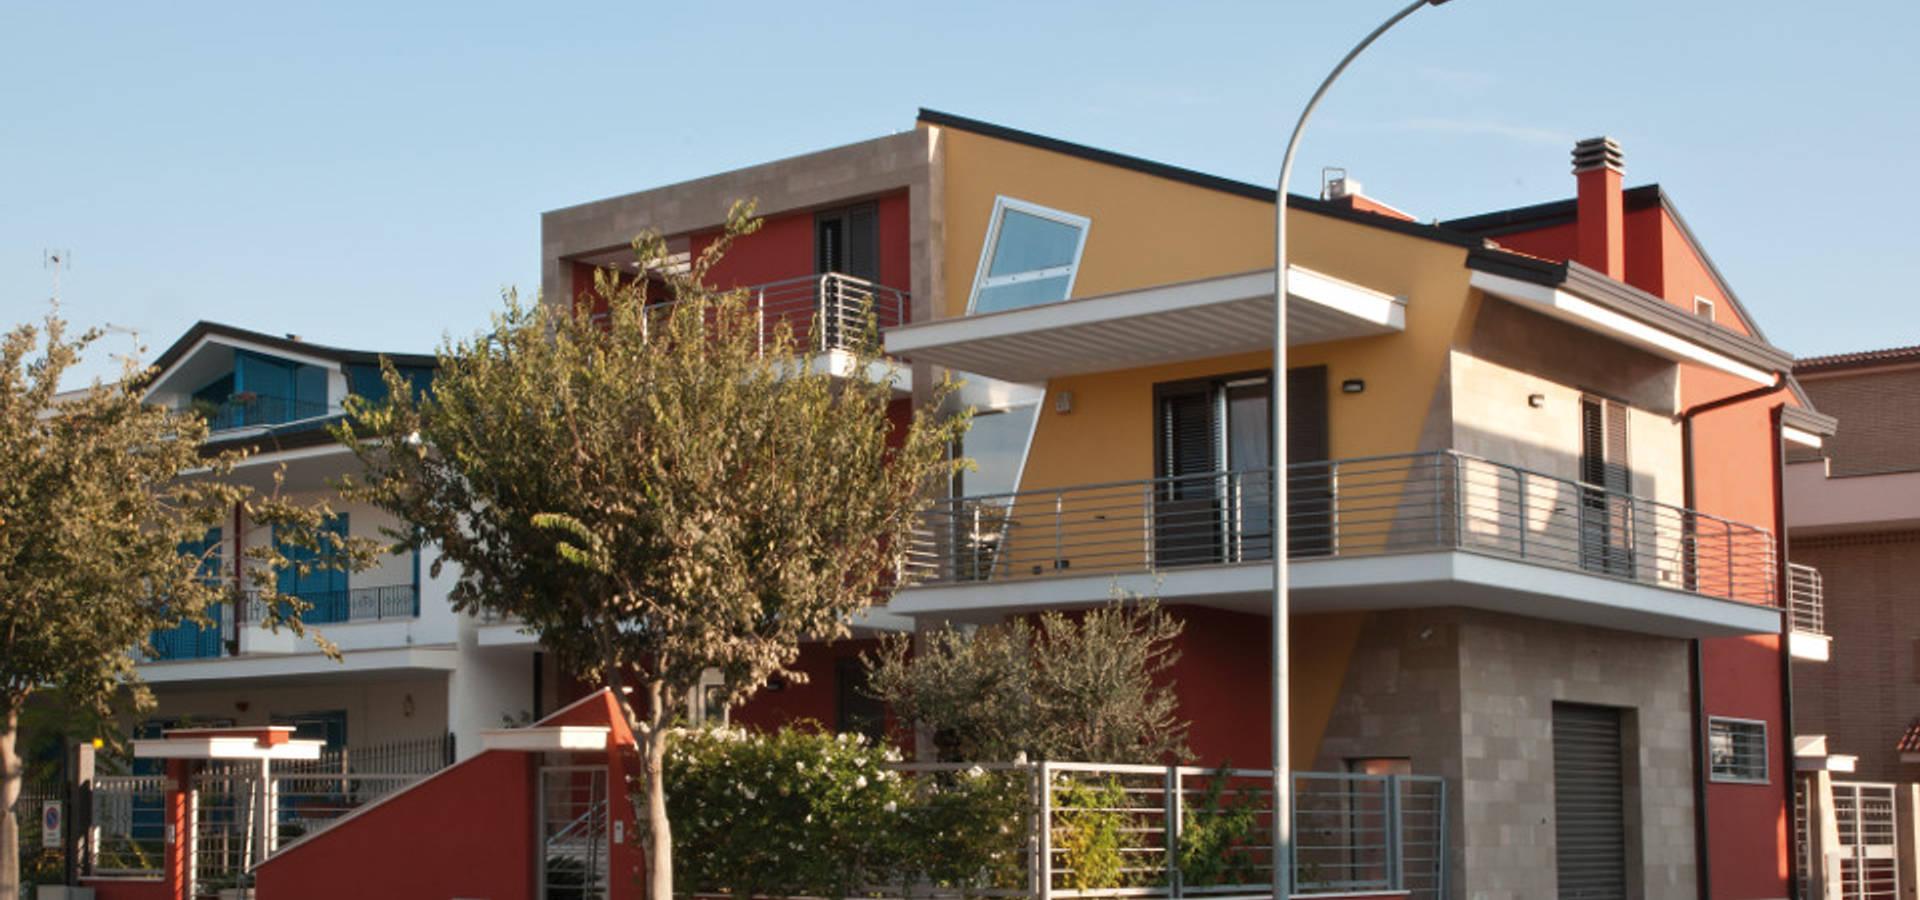 Studio di Architettura e Design Giovanni Scopece